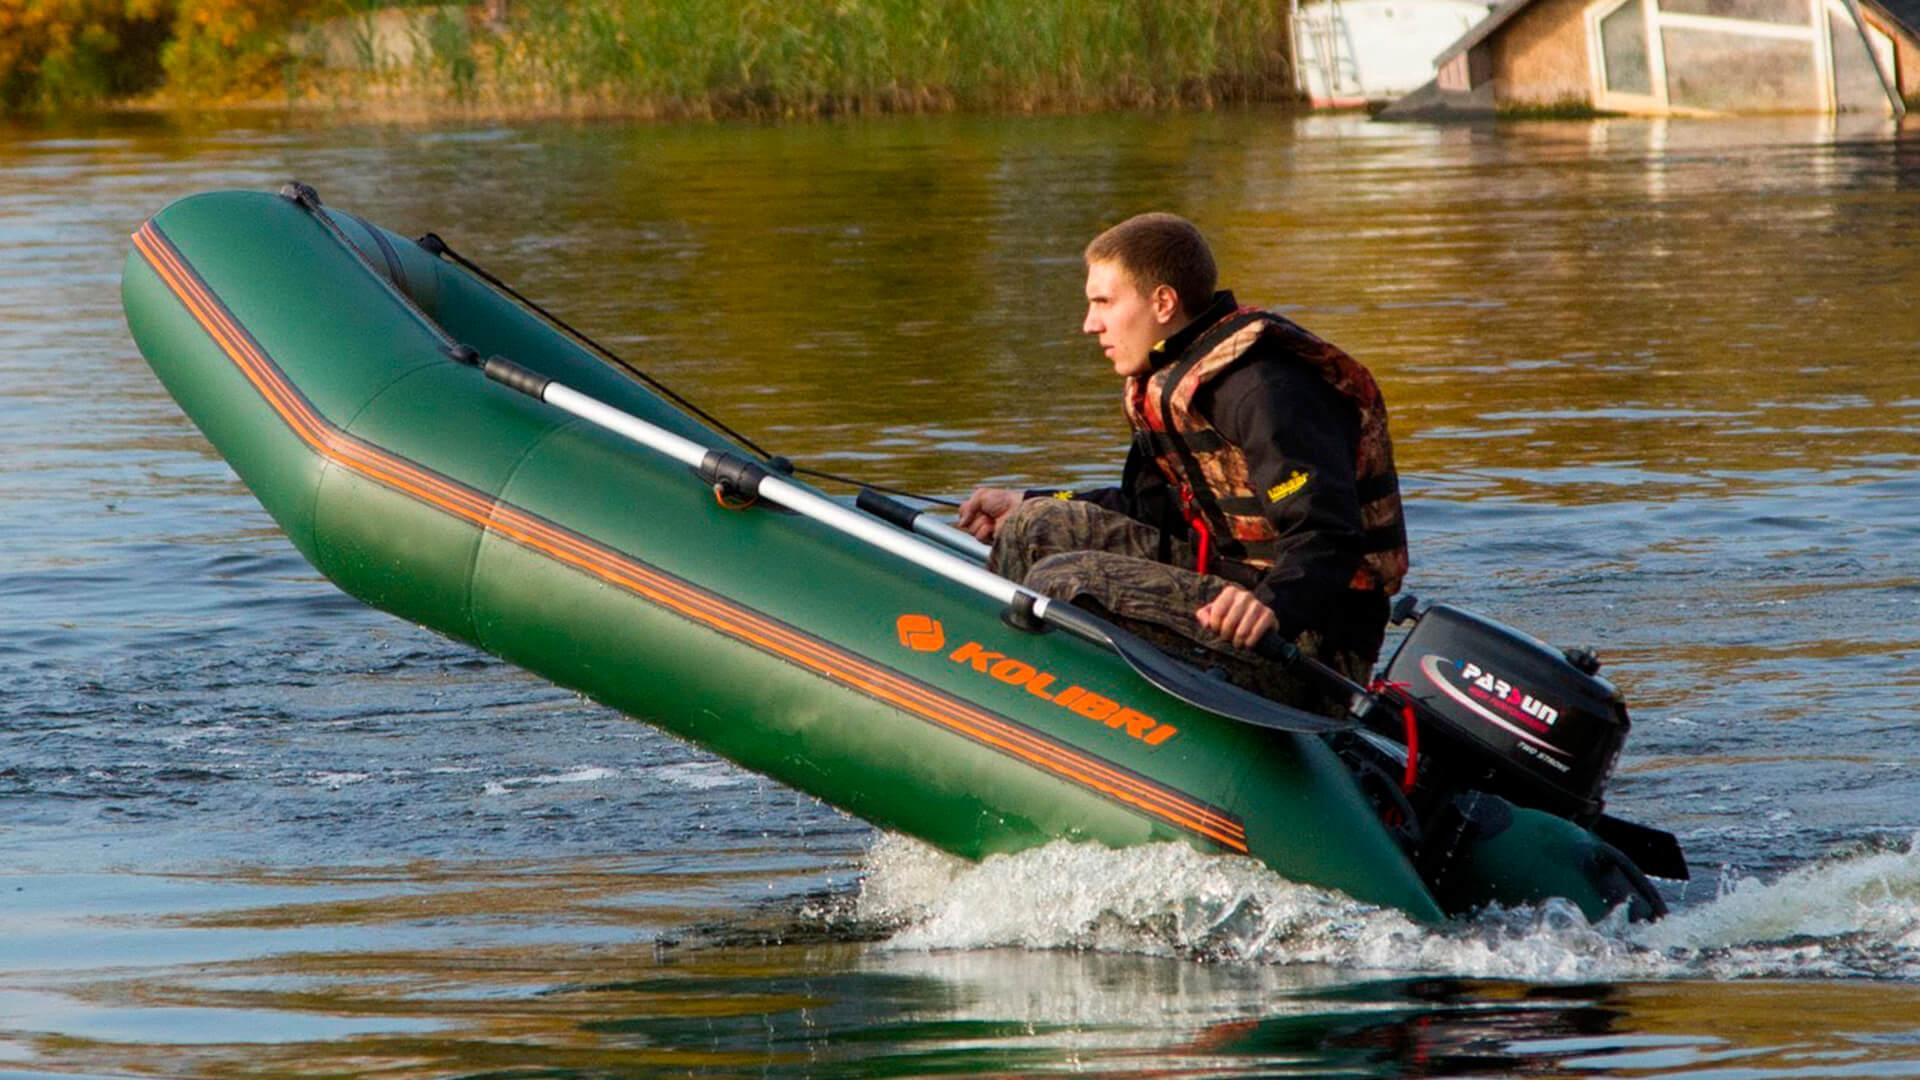 Надувная лодка Колибри КМ-360D, Надувная лодка Колибри КМ-360D, Надувная лодка Kolibri KM-360D, Надувная лодка Kolibri KM-360D, KOLIBRI KM-360D, Колибри KM-360D, KOLIBRI KM 360D, KM-360D, KOLIBRI KM360D, KM360D, Надувная лодка KOLIBRI, Надувная лодка Колибри, Колибри Профи, Разборная лодка, Складная лодка, надувная лодка с транцем, надувная лодка для рыбалки, надувная лодка пвх, лодка пвх